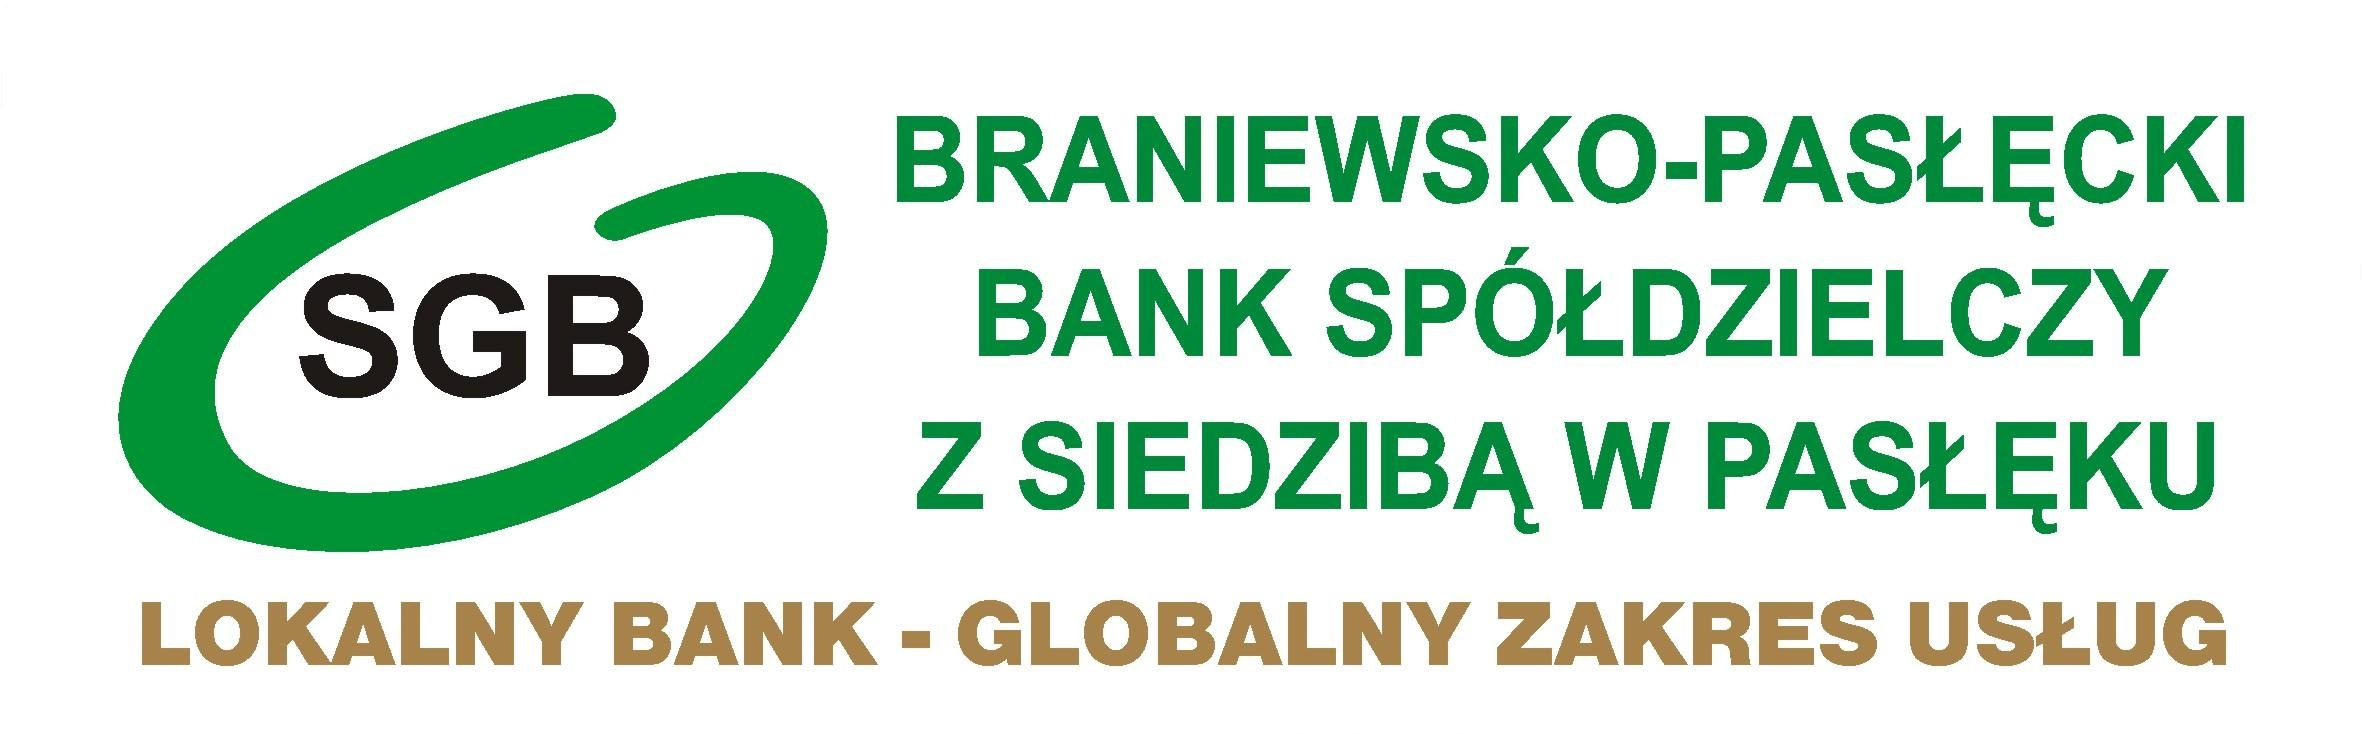 Prowizje i opłaty - Braniewsko-Pasłęcki Bank Spółdzielczy z siedzibą w Pasłęku